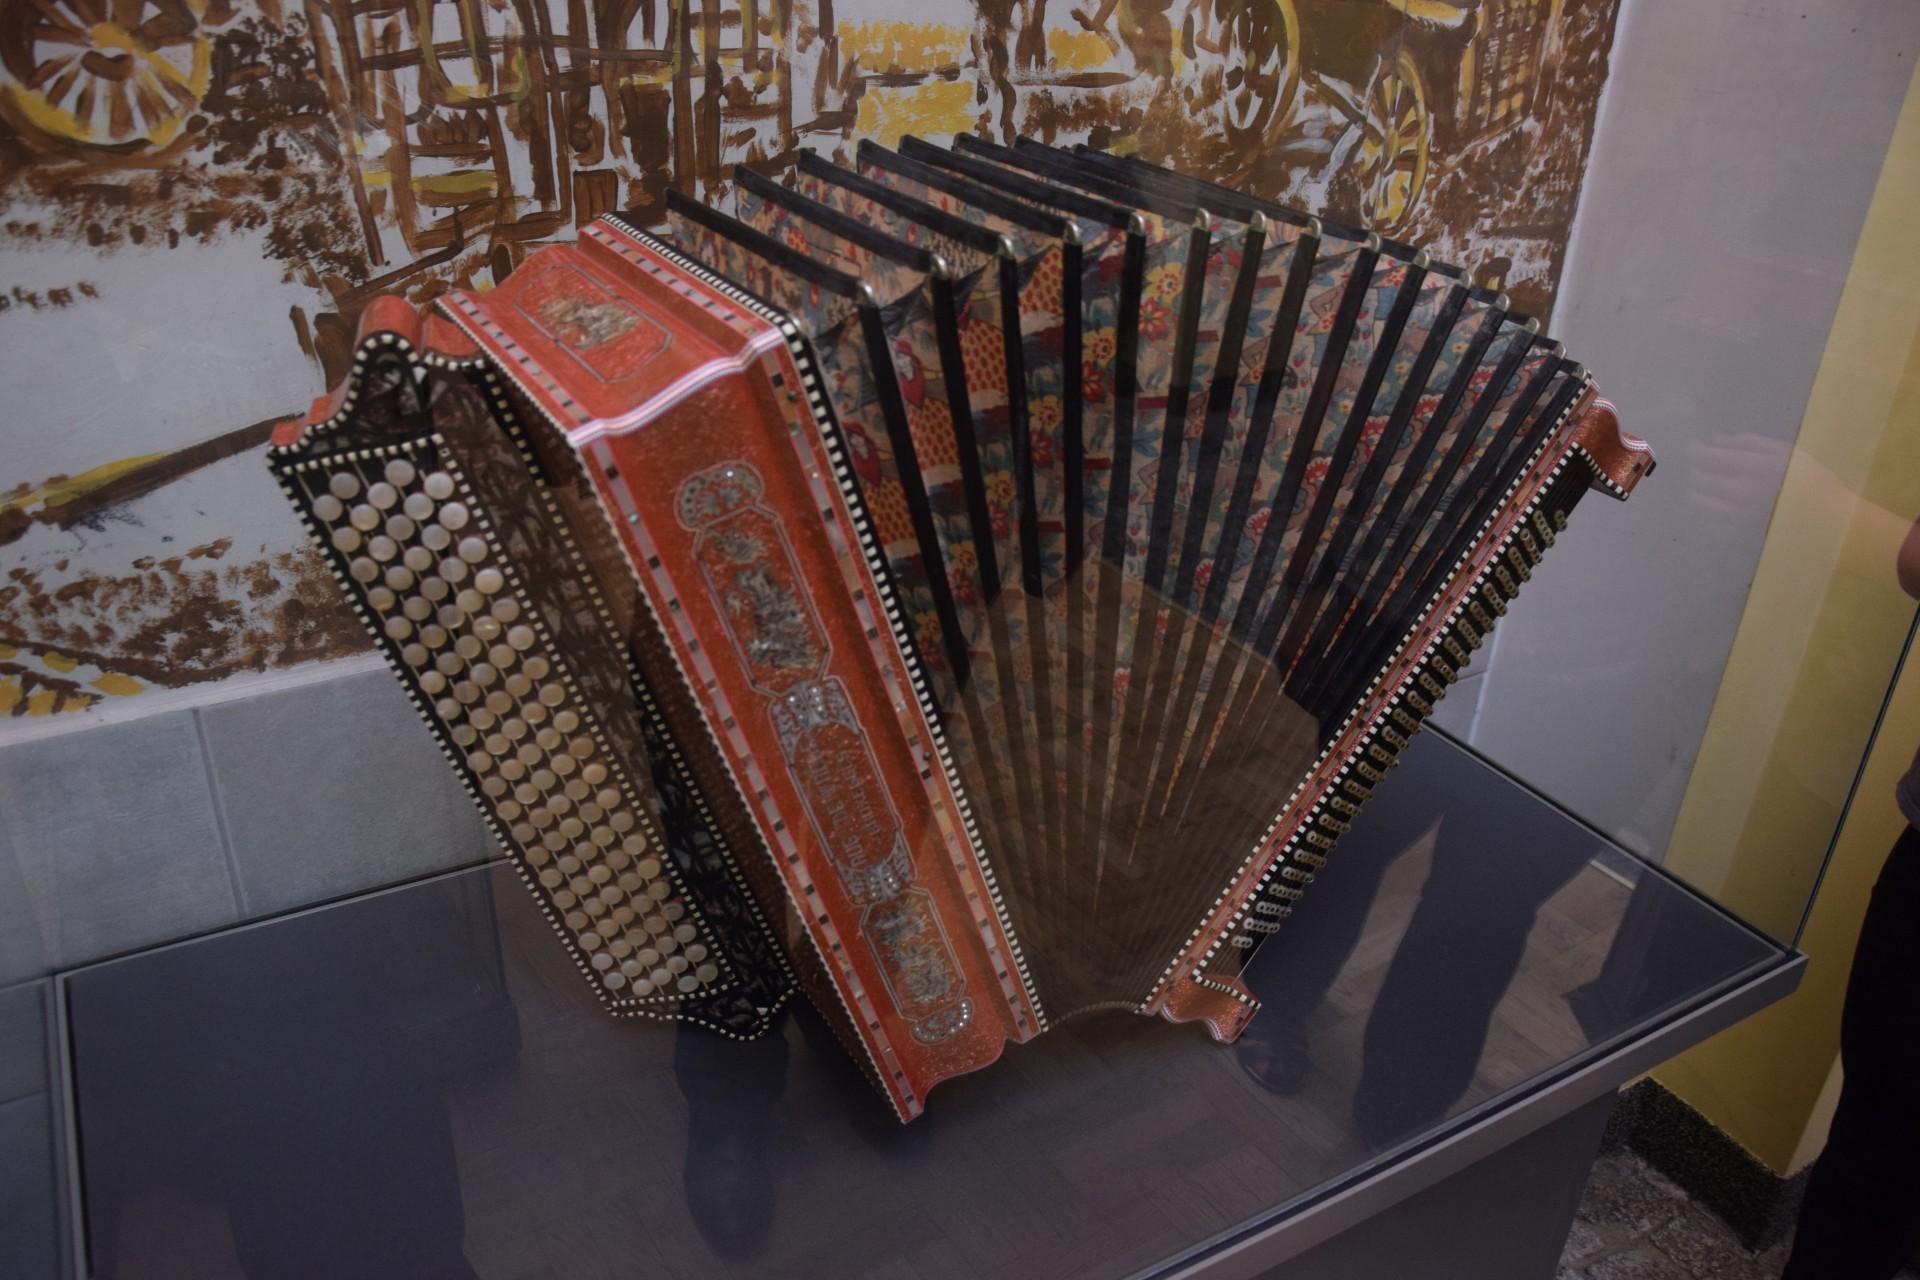 Kościerzyna. Muzeum Akordeonu – kwecz, świnia czy kaloryfer? 2